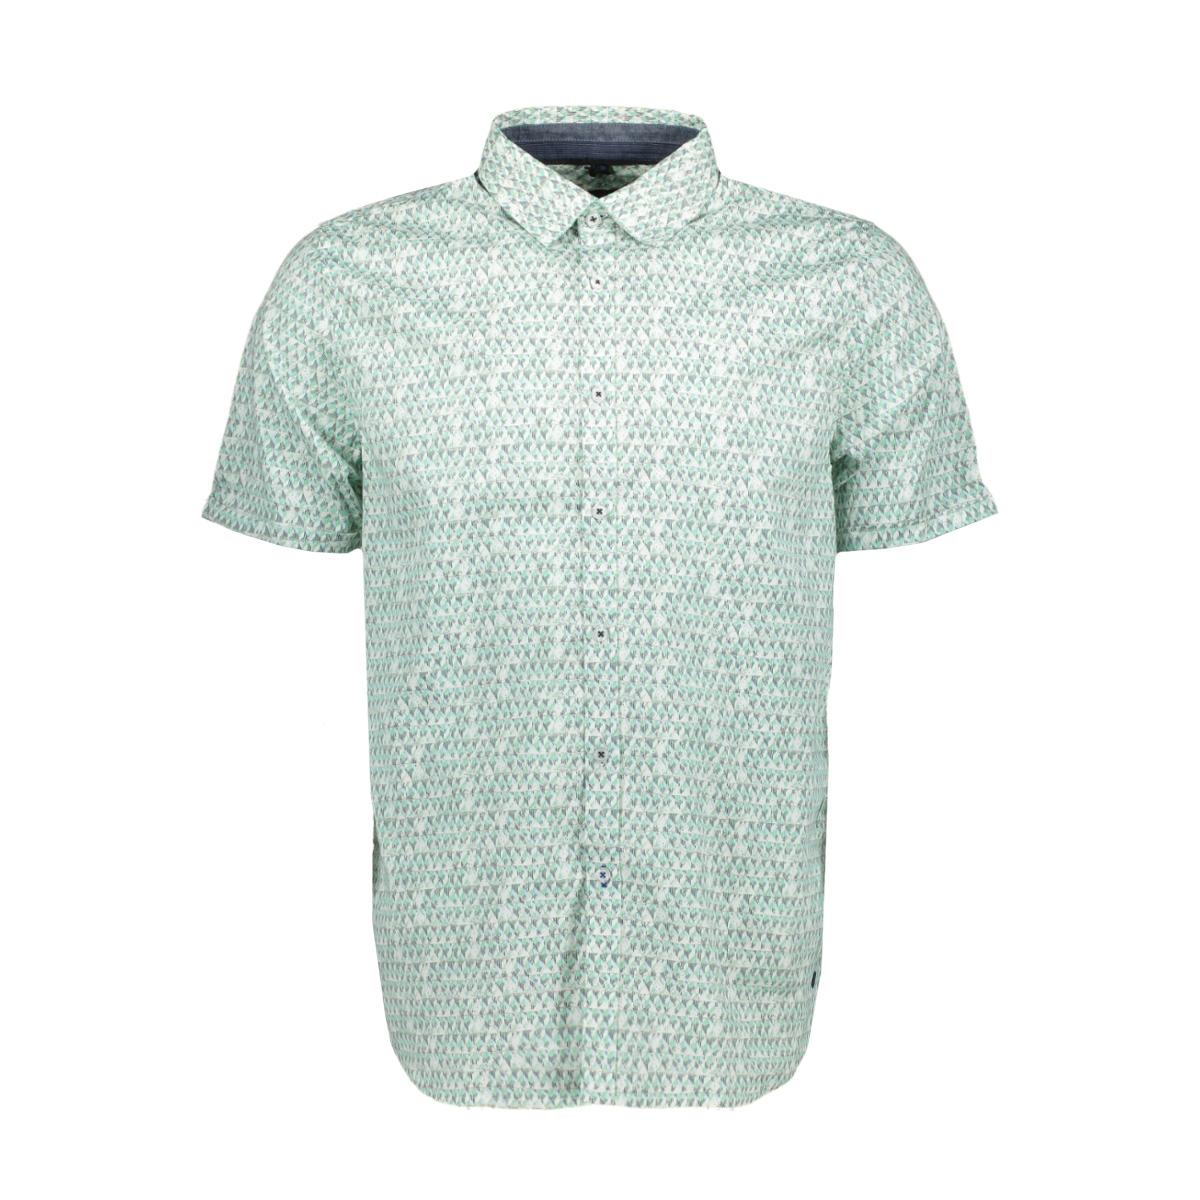 shirt 1901 2121 m 1 twinlife overhemd 5421 fir